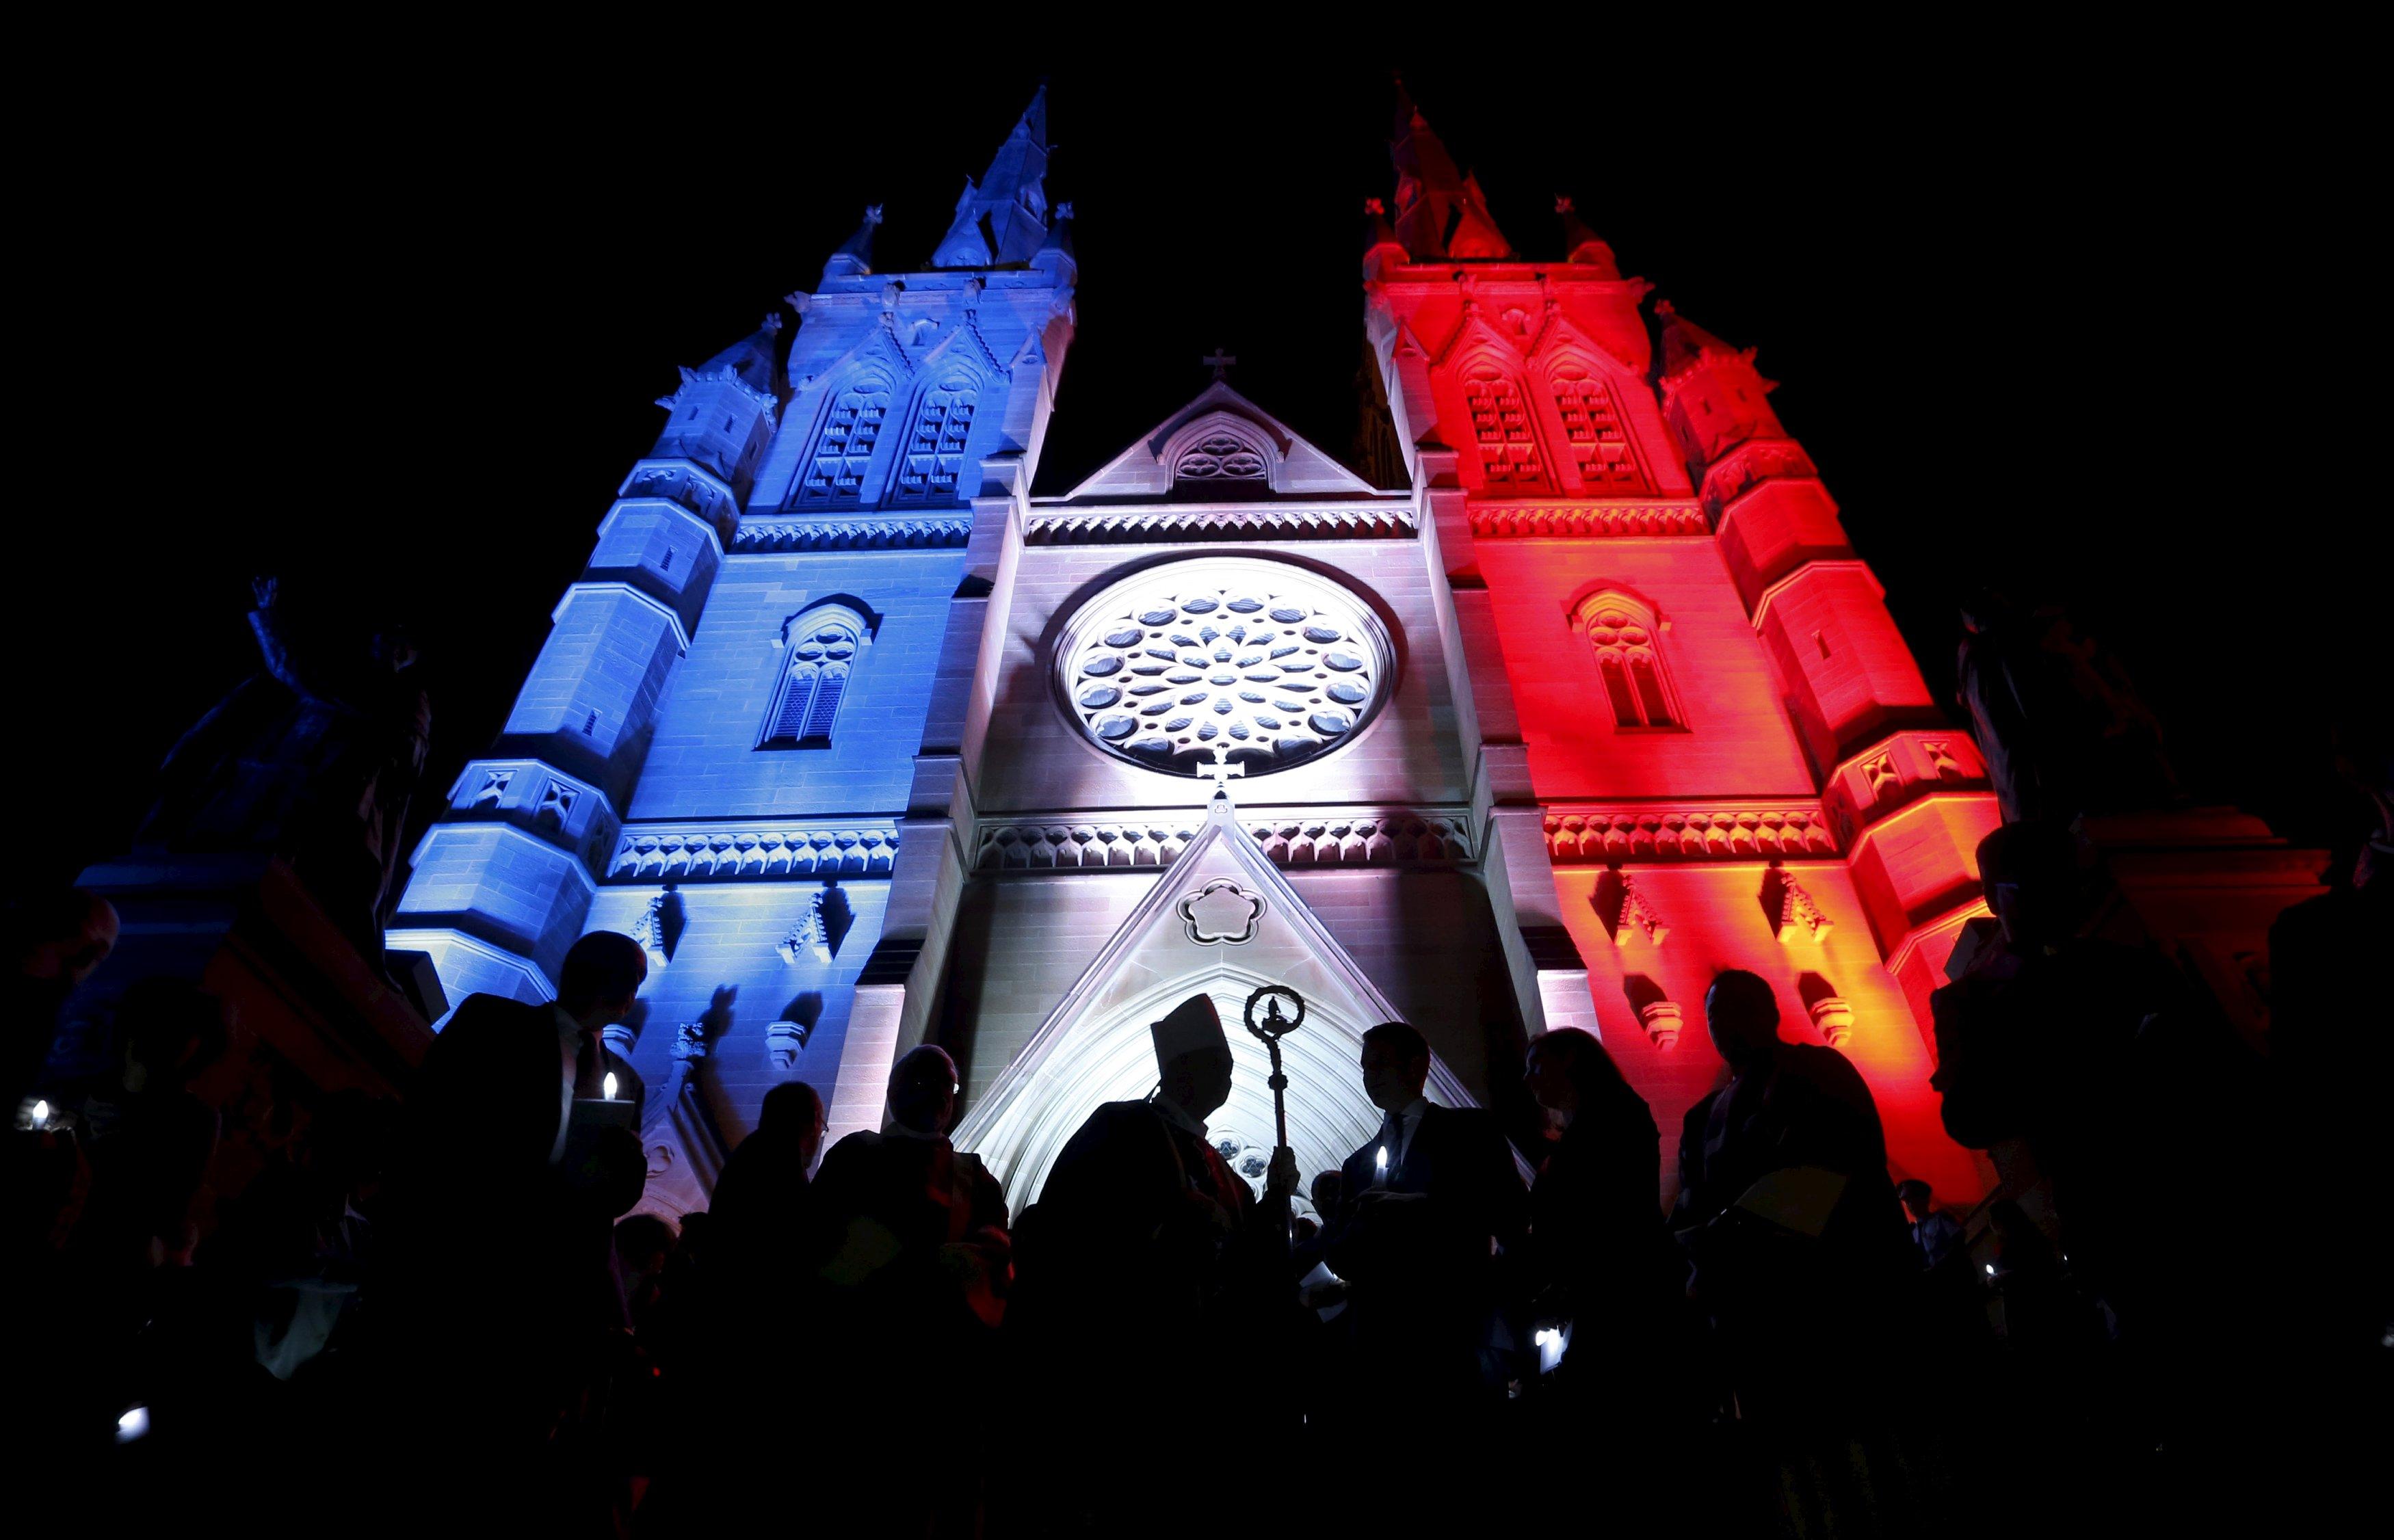 Warga mengikuti Misa Requiem bagi korban serangan Paris di depan Katedral St. Mary yang dihiasi warna bendera Perancis, biru, putih dan merah di Sydney, Australia, Senin (16/11). ANTARA FOTO/REUTERS/Jason Reed.